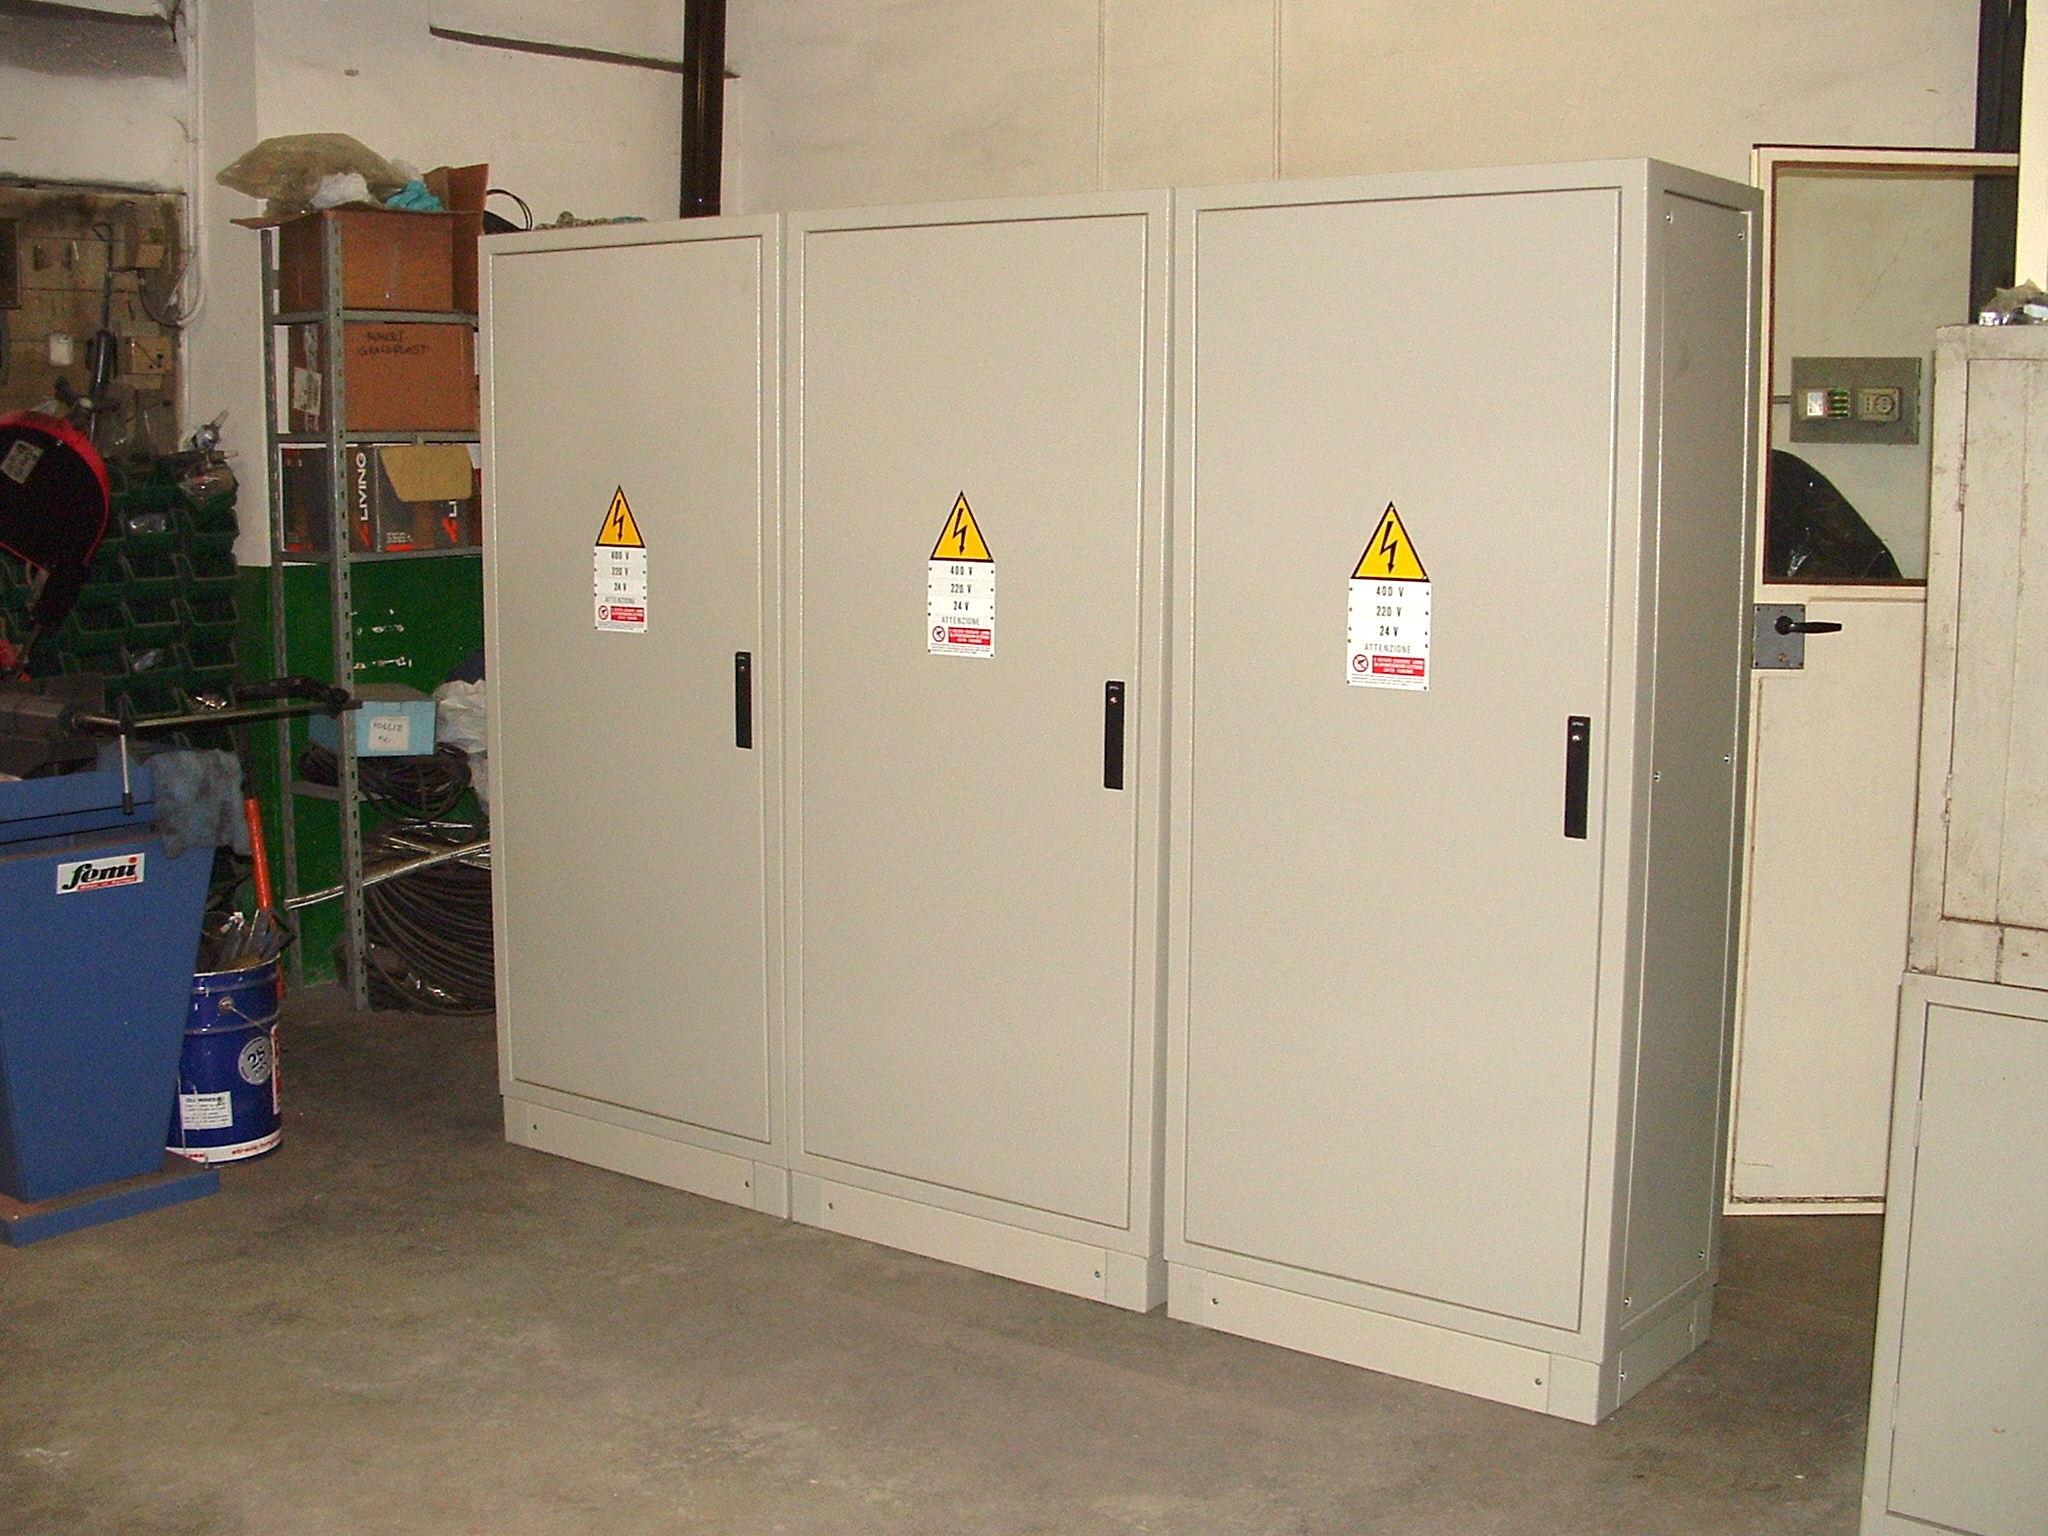 Schemi Elettrici Macchine Industriali : Lega impianti di galea carlo u e sistemi elettrici